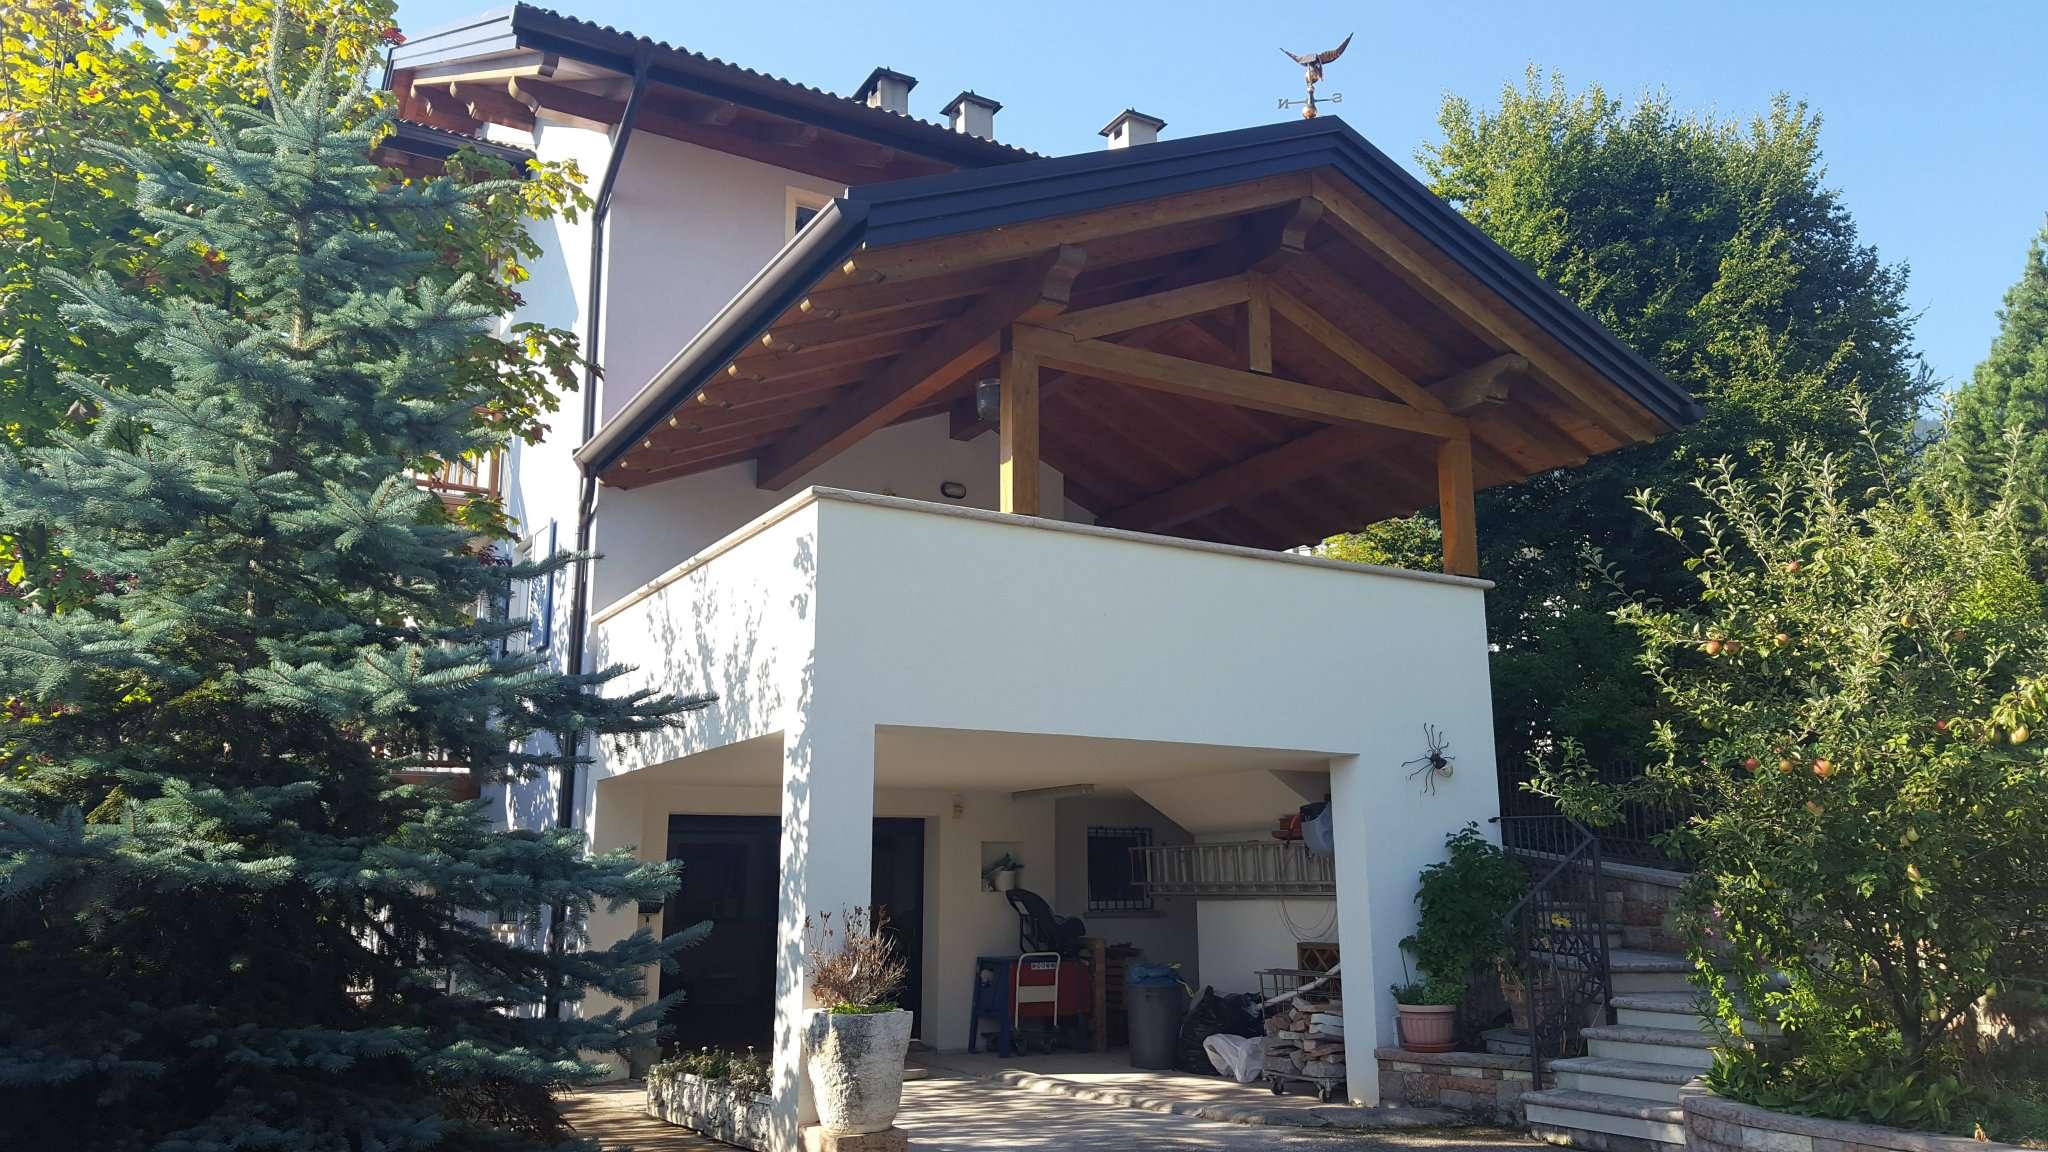 Villa in vendita a Fai della Paganella, 8 locali, Trattative riservate | Cambio Casa.it